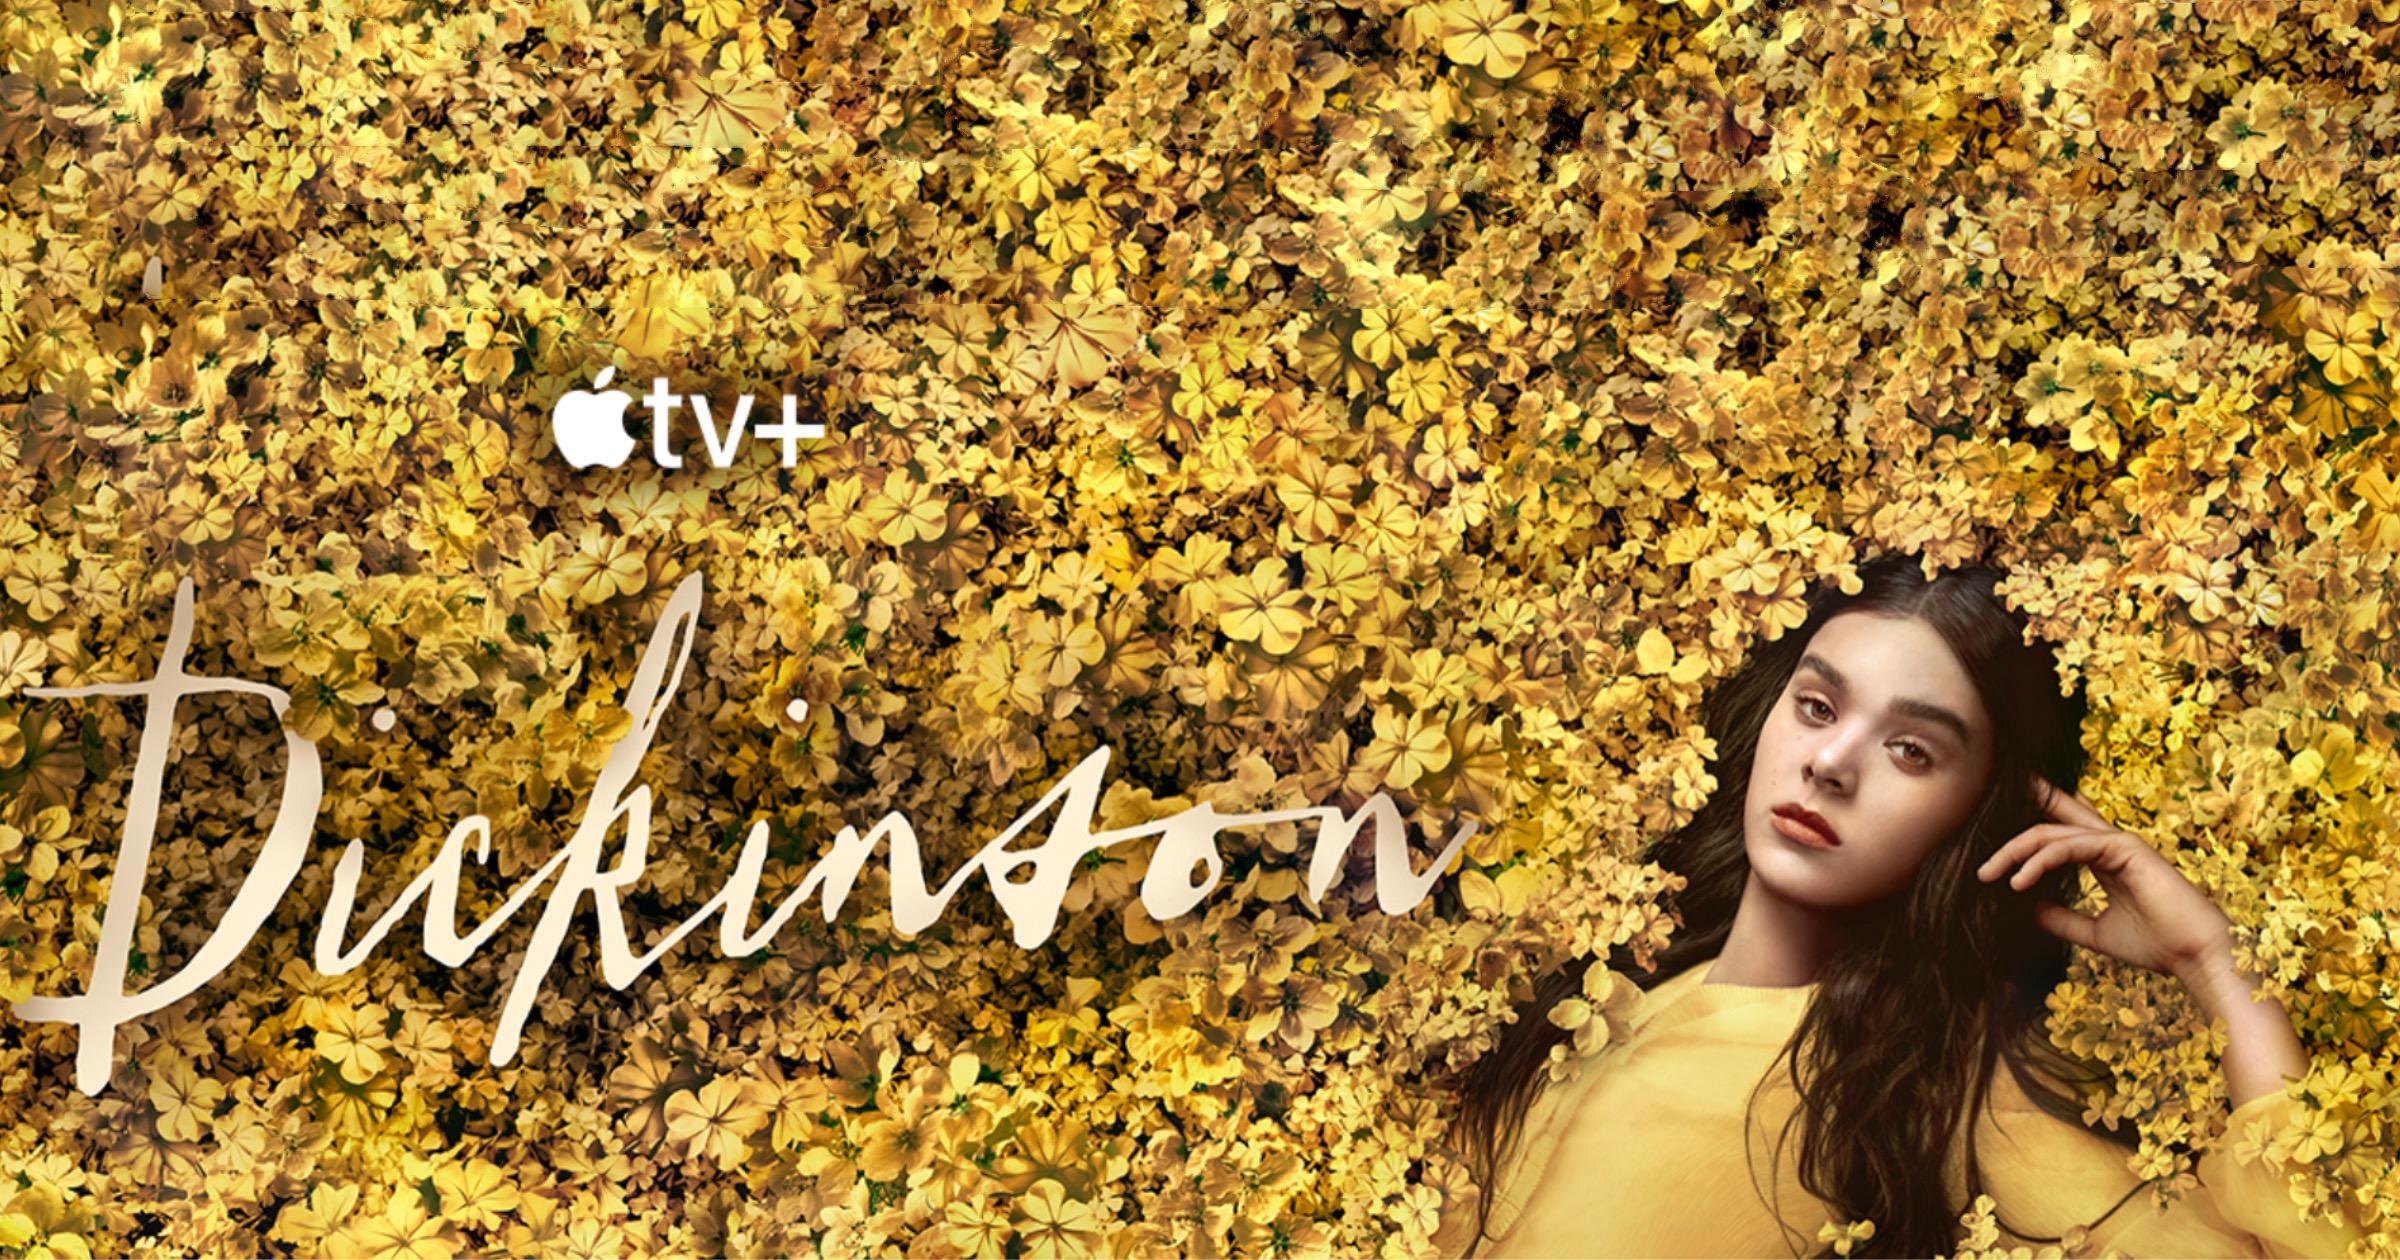 Dickinson season 2 image